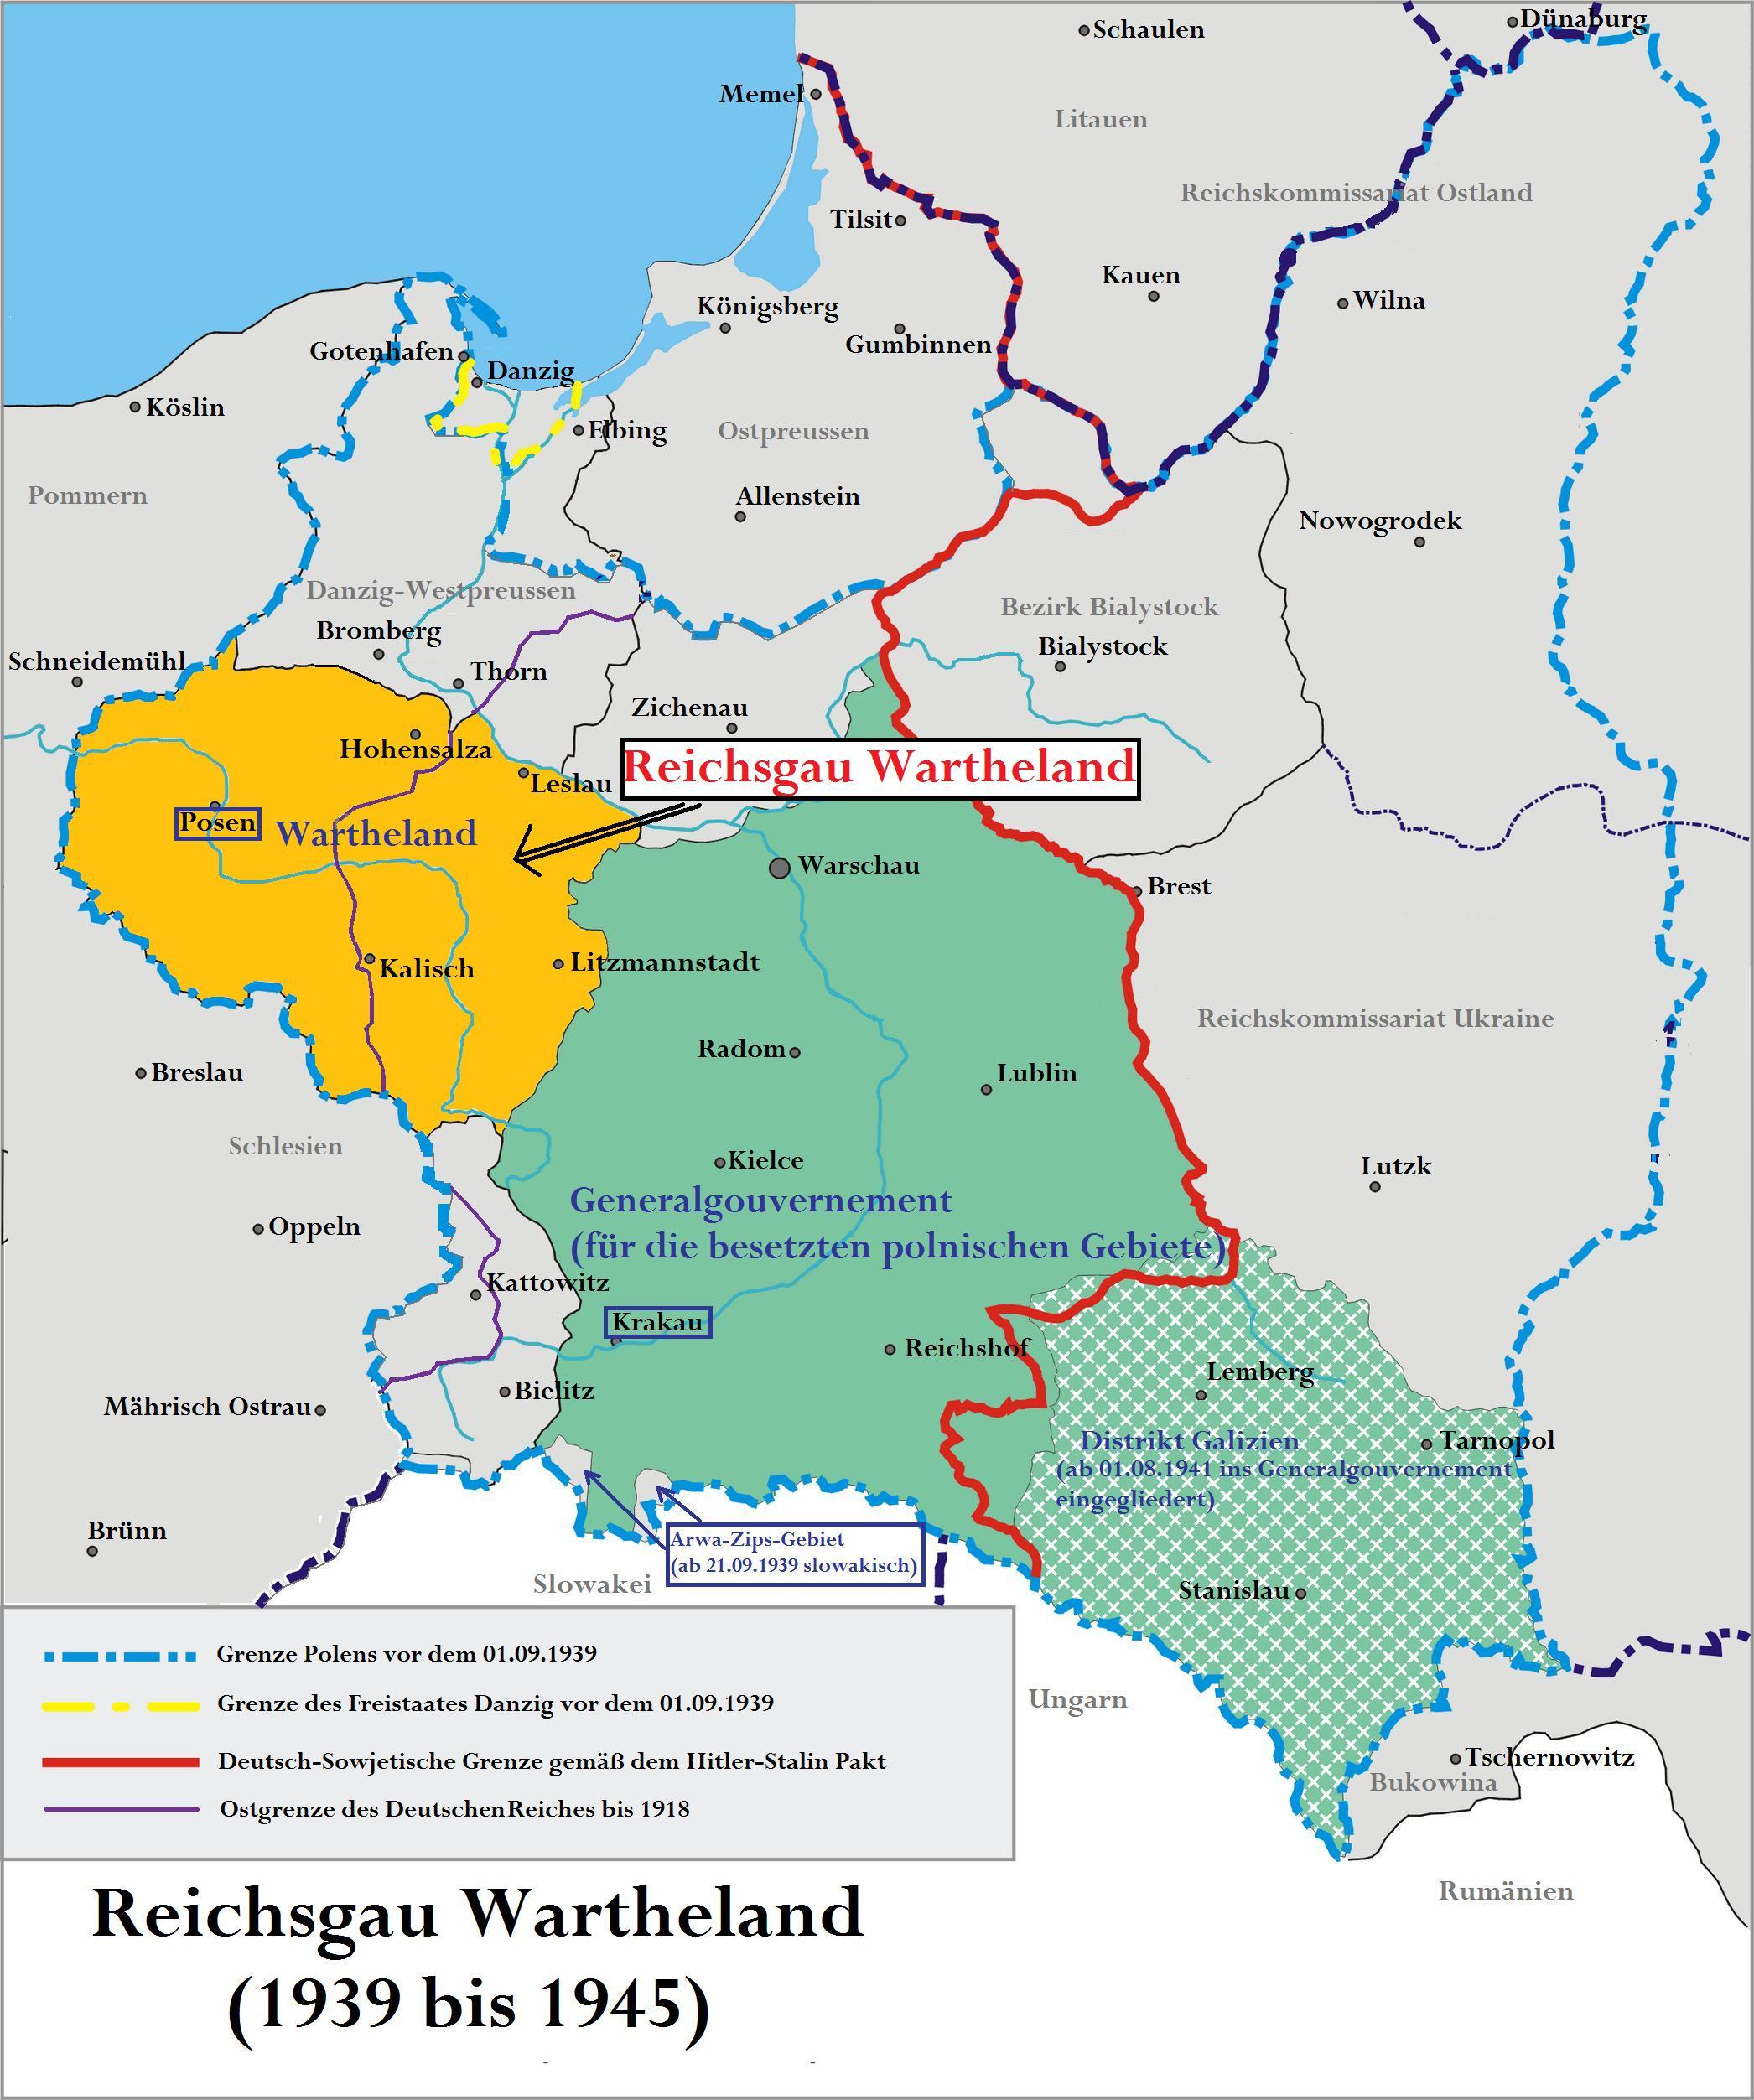 Wartheland Wikipedia